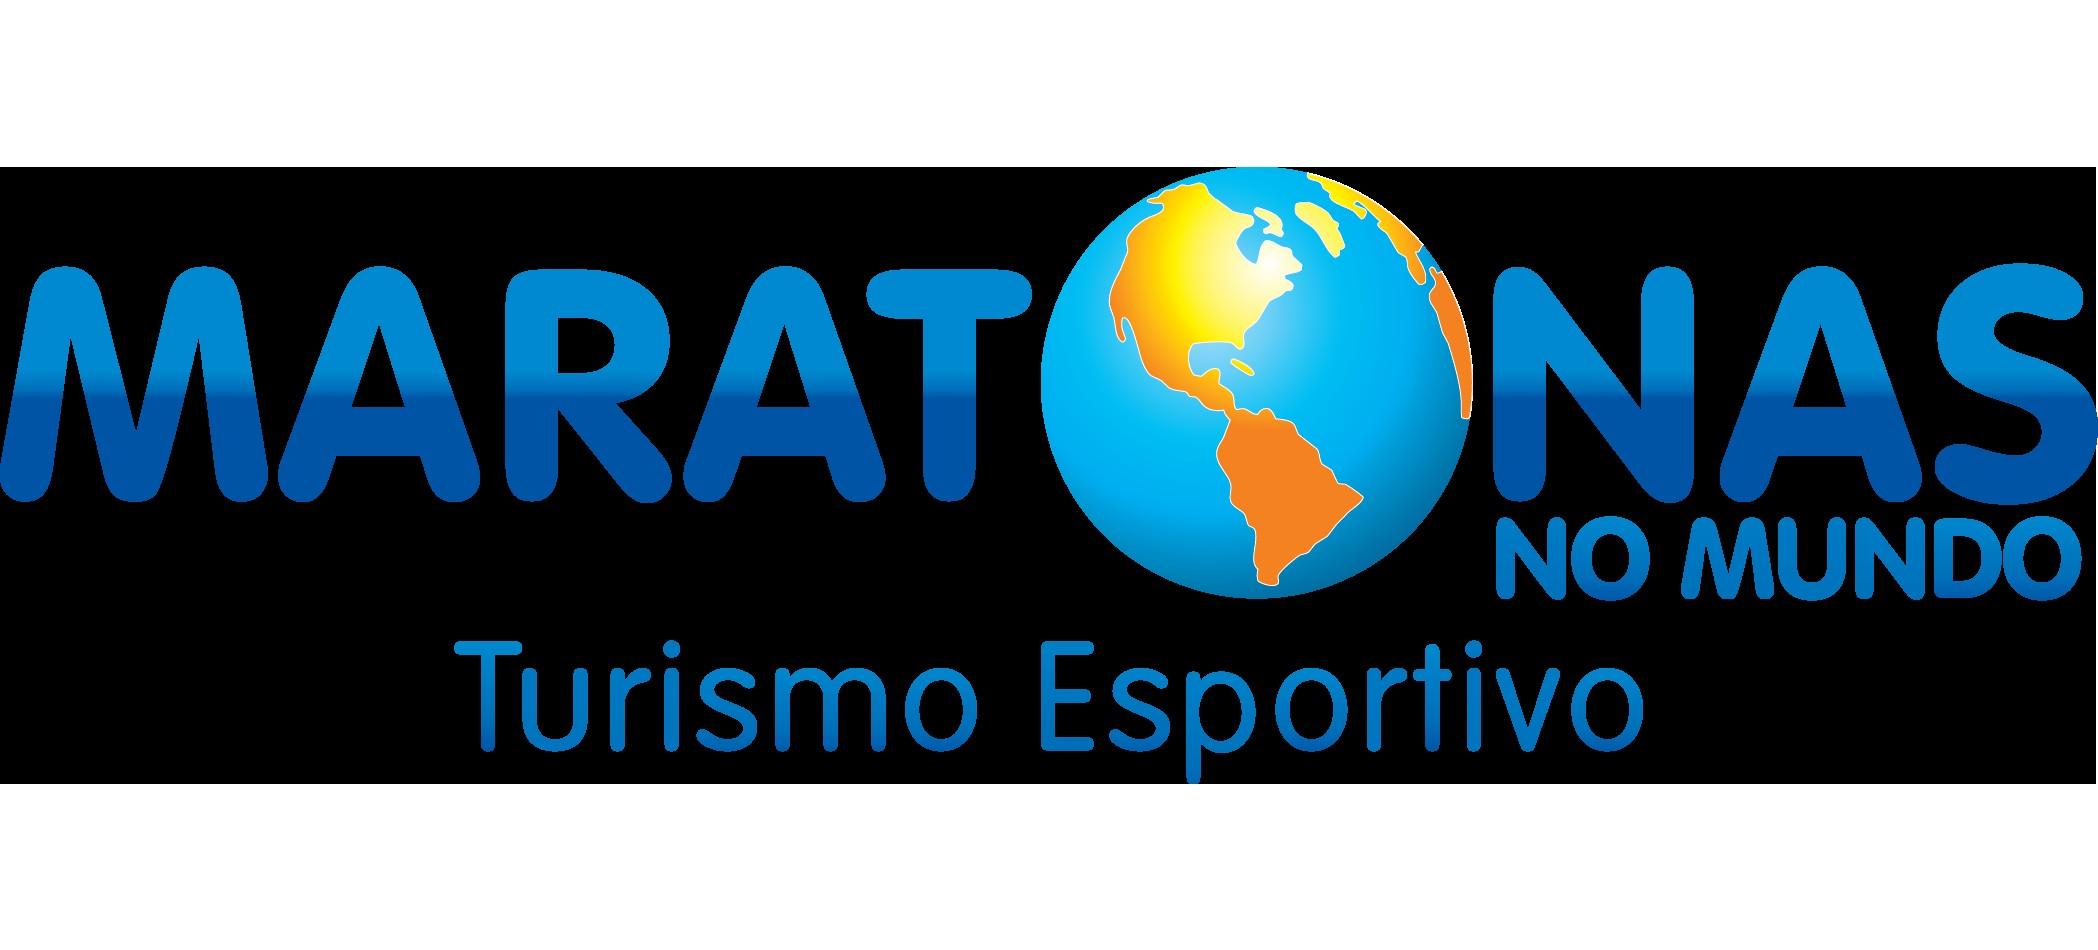 Calendario Escolar 2019 Porto Alegre Más Reciente Maratona De Porto Alegre Of Calendario Escolar 2019 Porto Alegre Más Recientes Rede De Escolas S£o Francisco